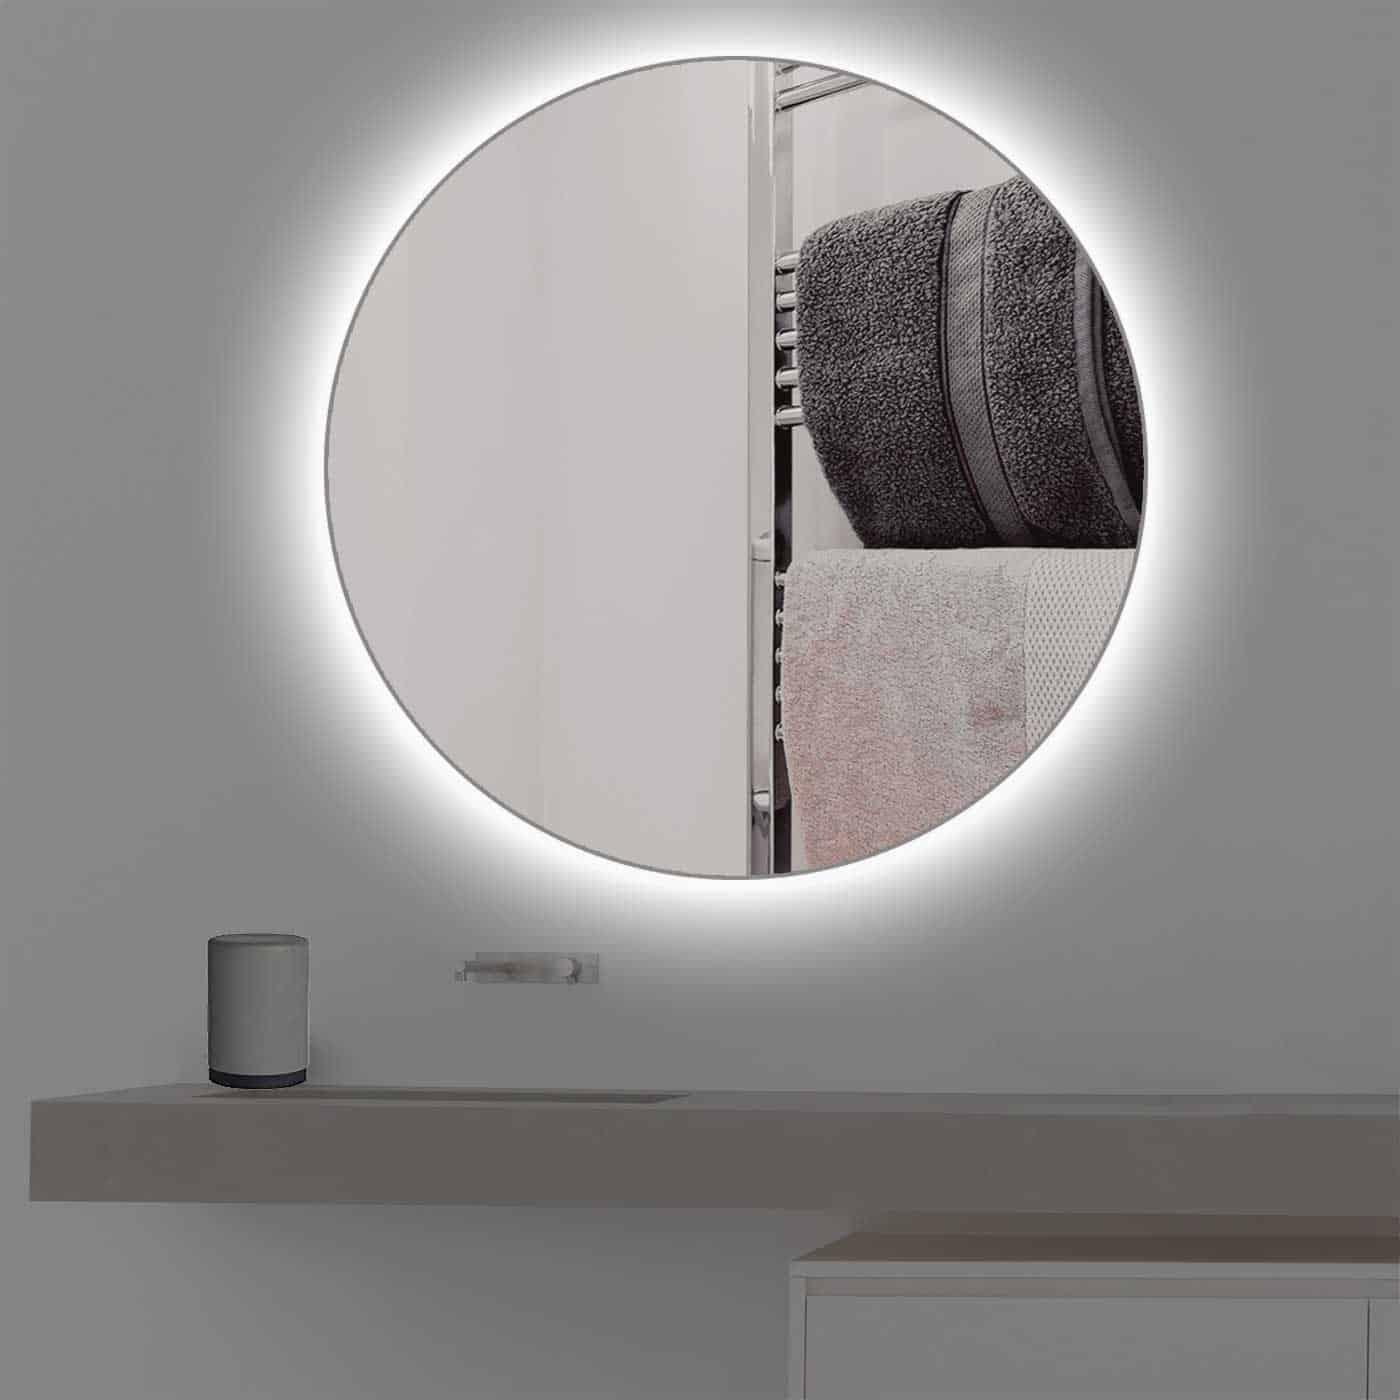 runder spiegel stunning gebraucht runder spiegel ikea. Black Bedroom Furniture Sets. Home Design Ideas